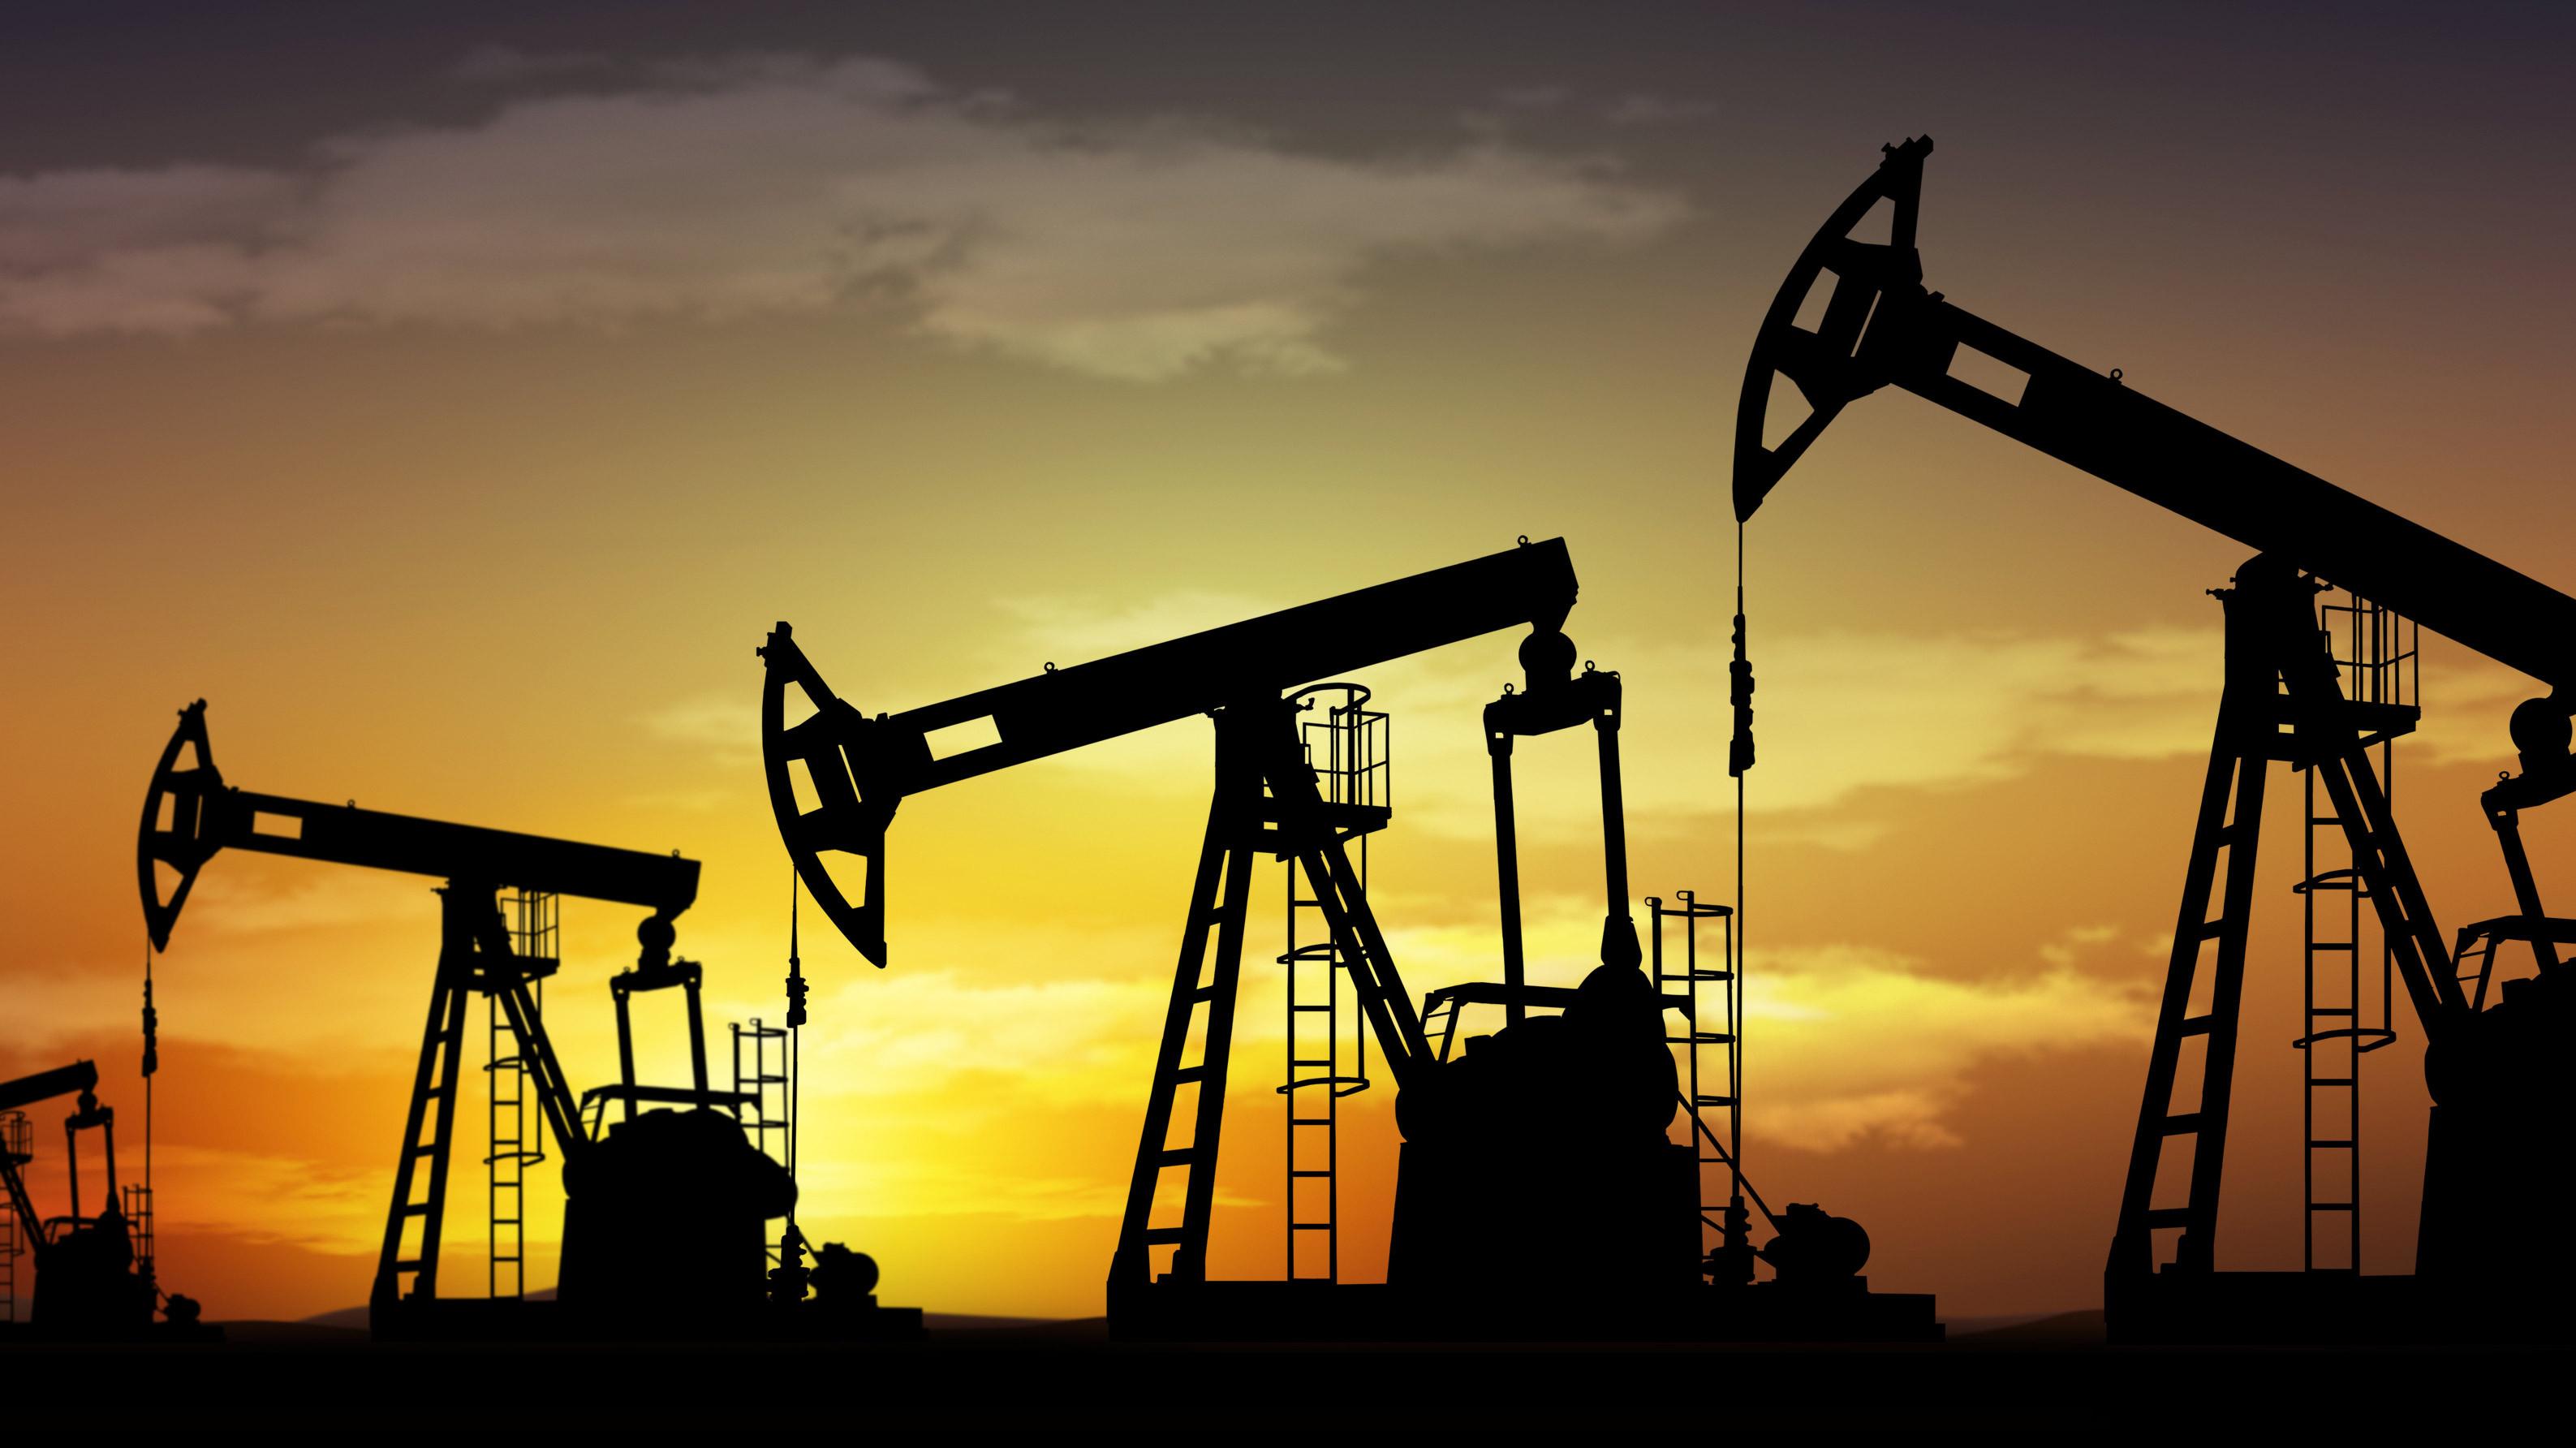 empresas-petroleras-se-veran-obligadas-a-paralizar-sus-operaciones-por-el-covid-19